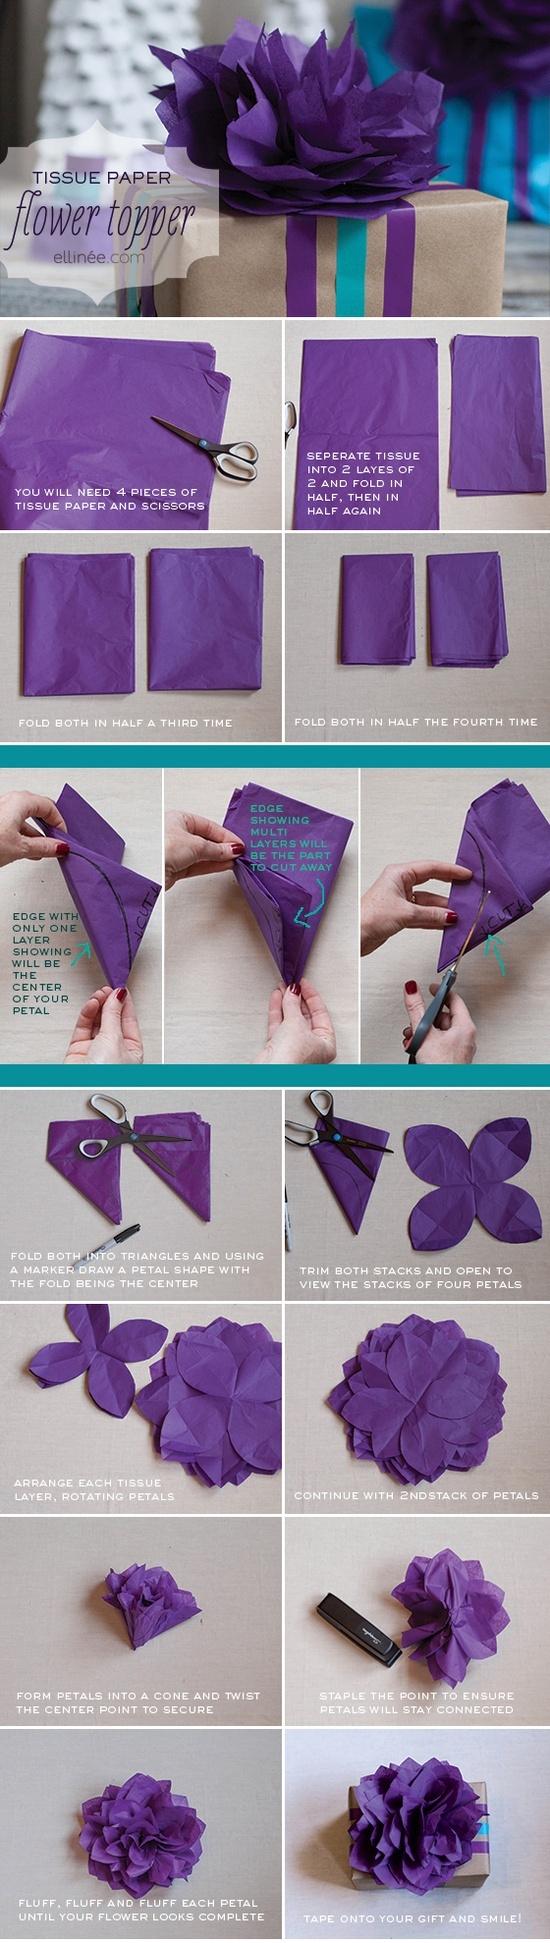 tissuepapertopper